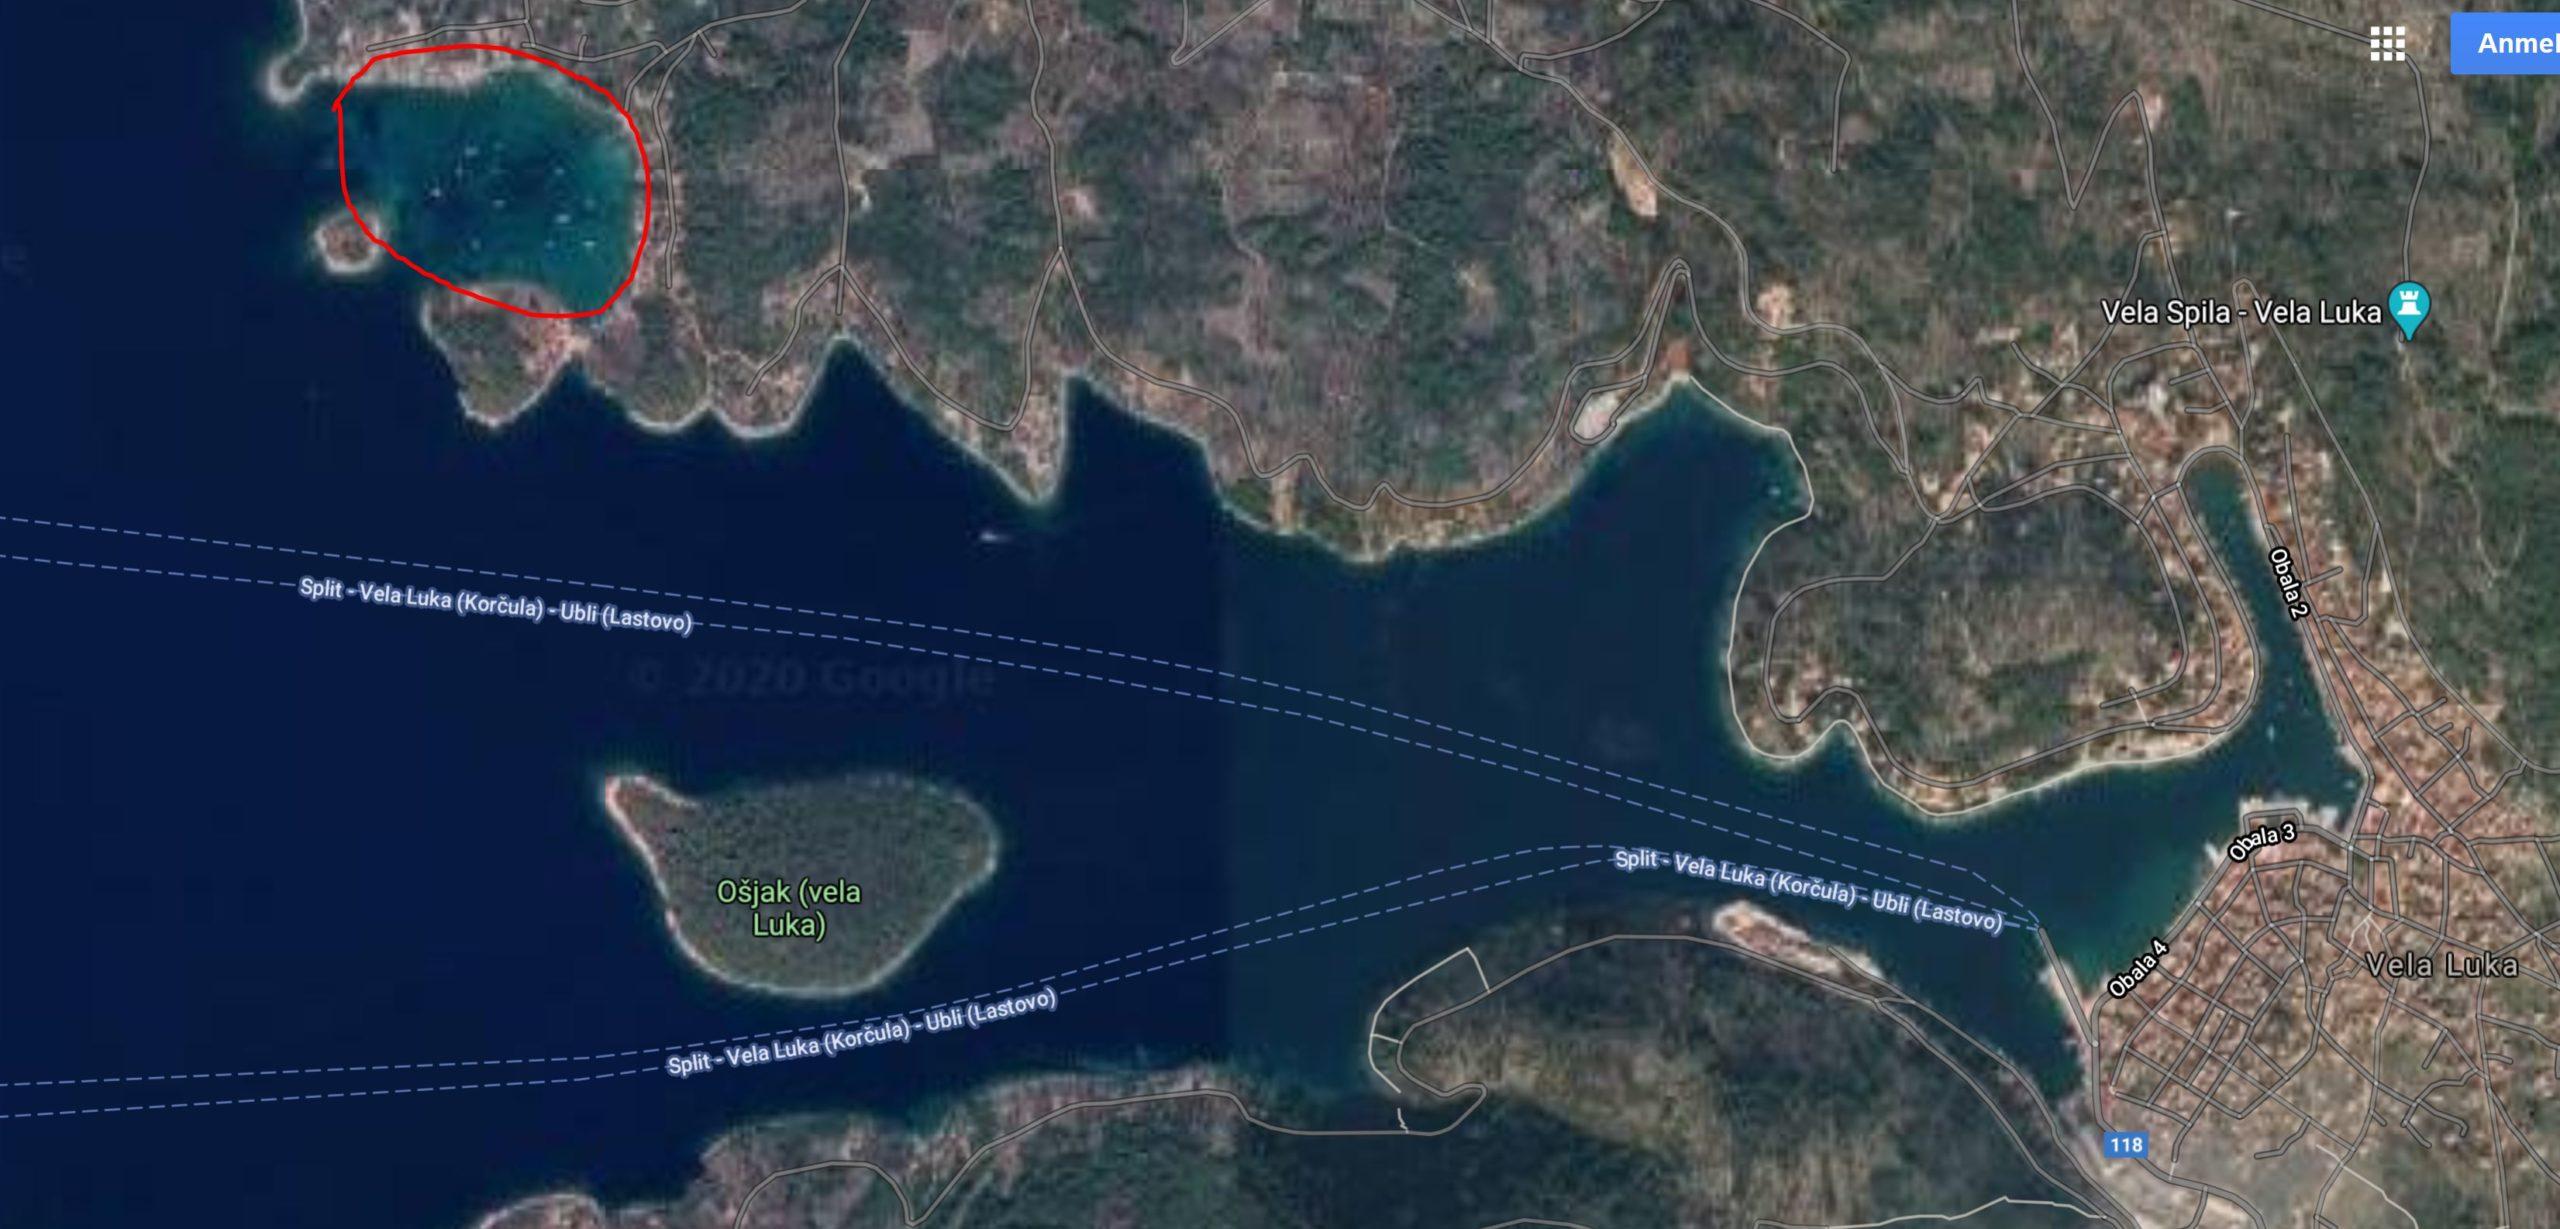 Ausweichhafen für Vela Luka.